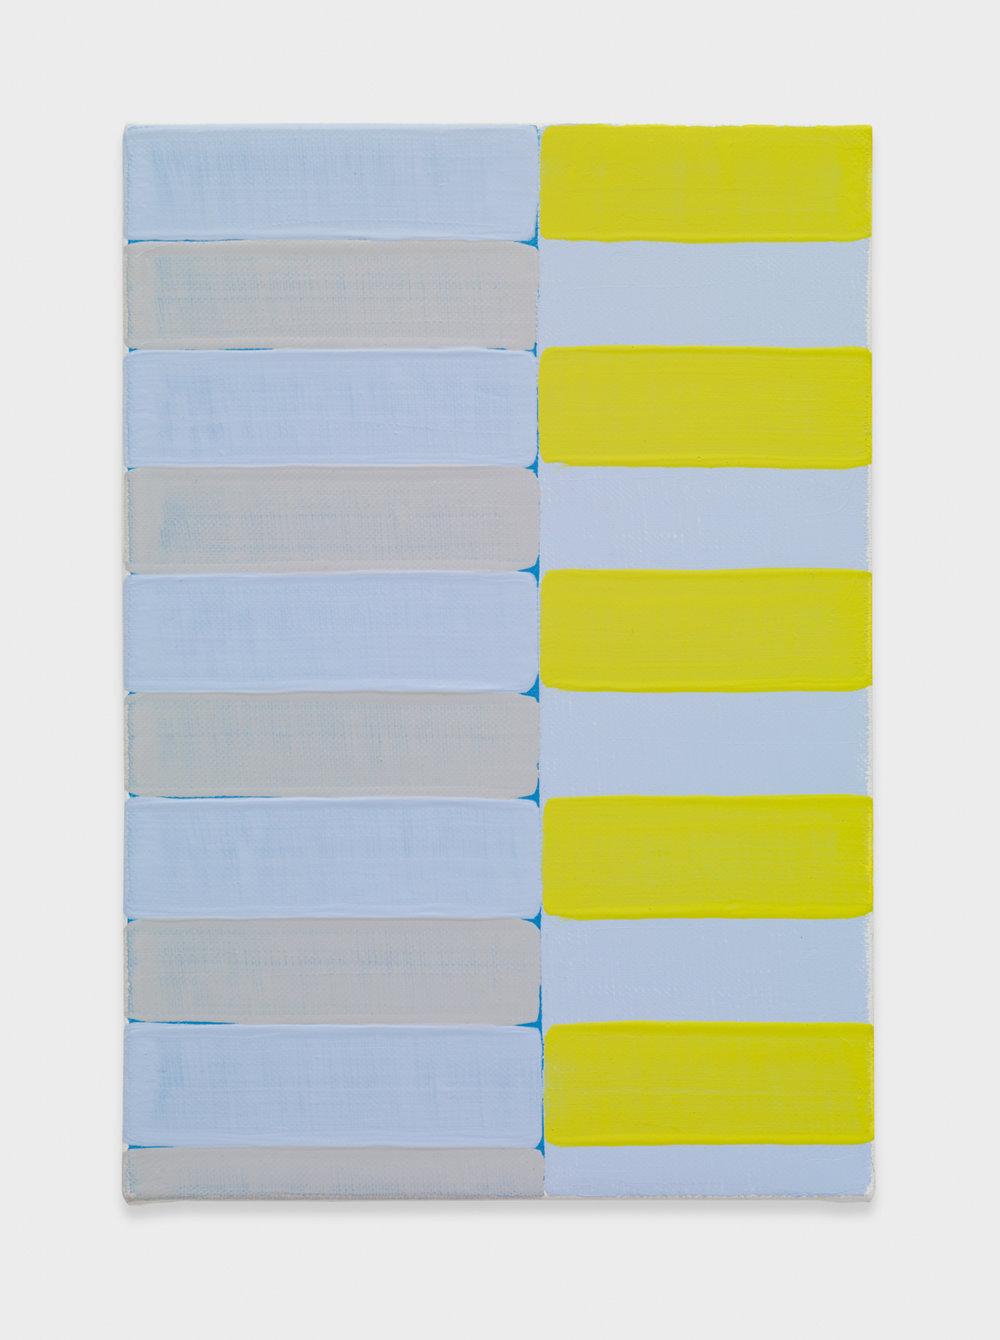 Yui Yaegashi  Untitled  2017 Oil on canvas 9h x 6 ½w in YY092